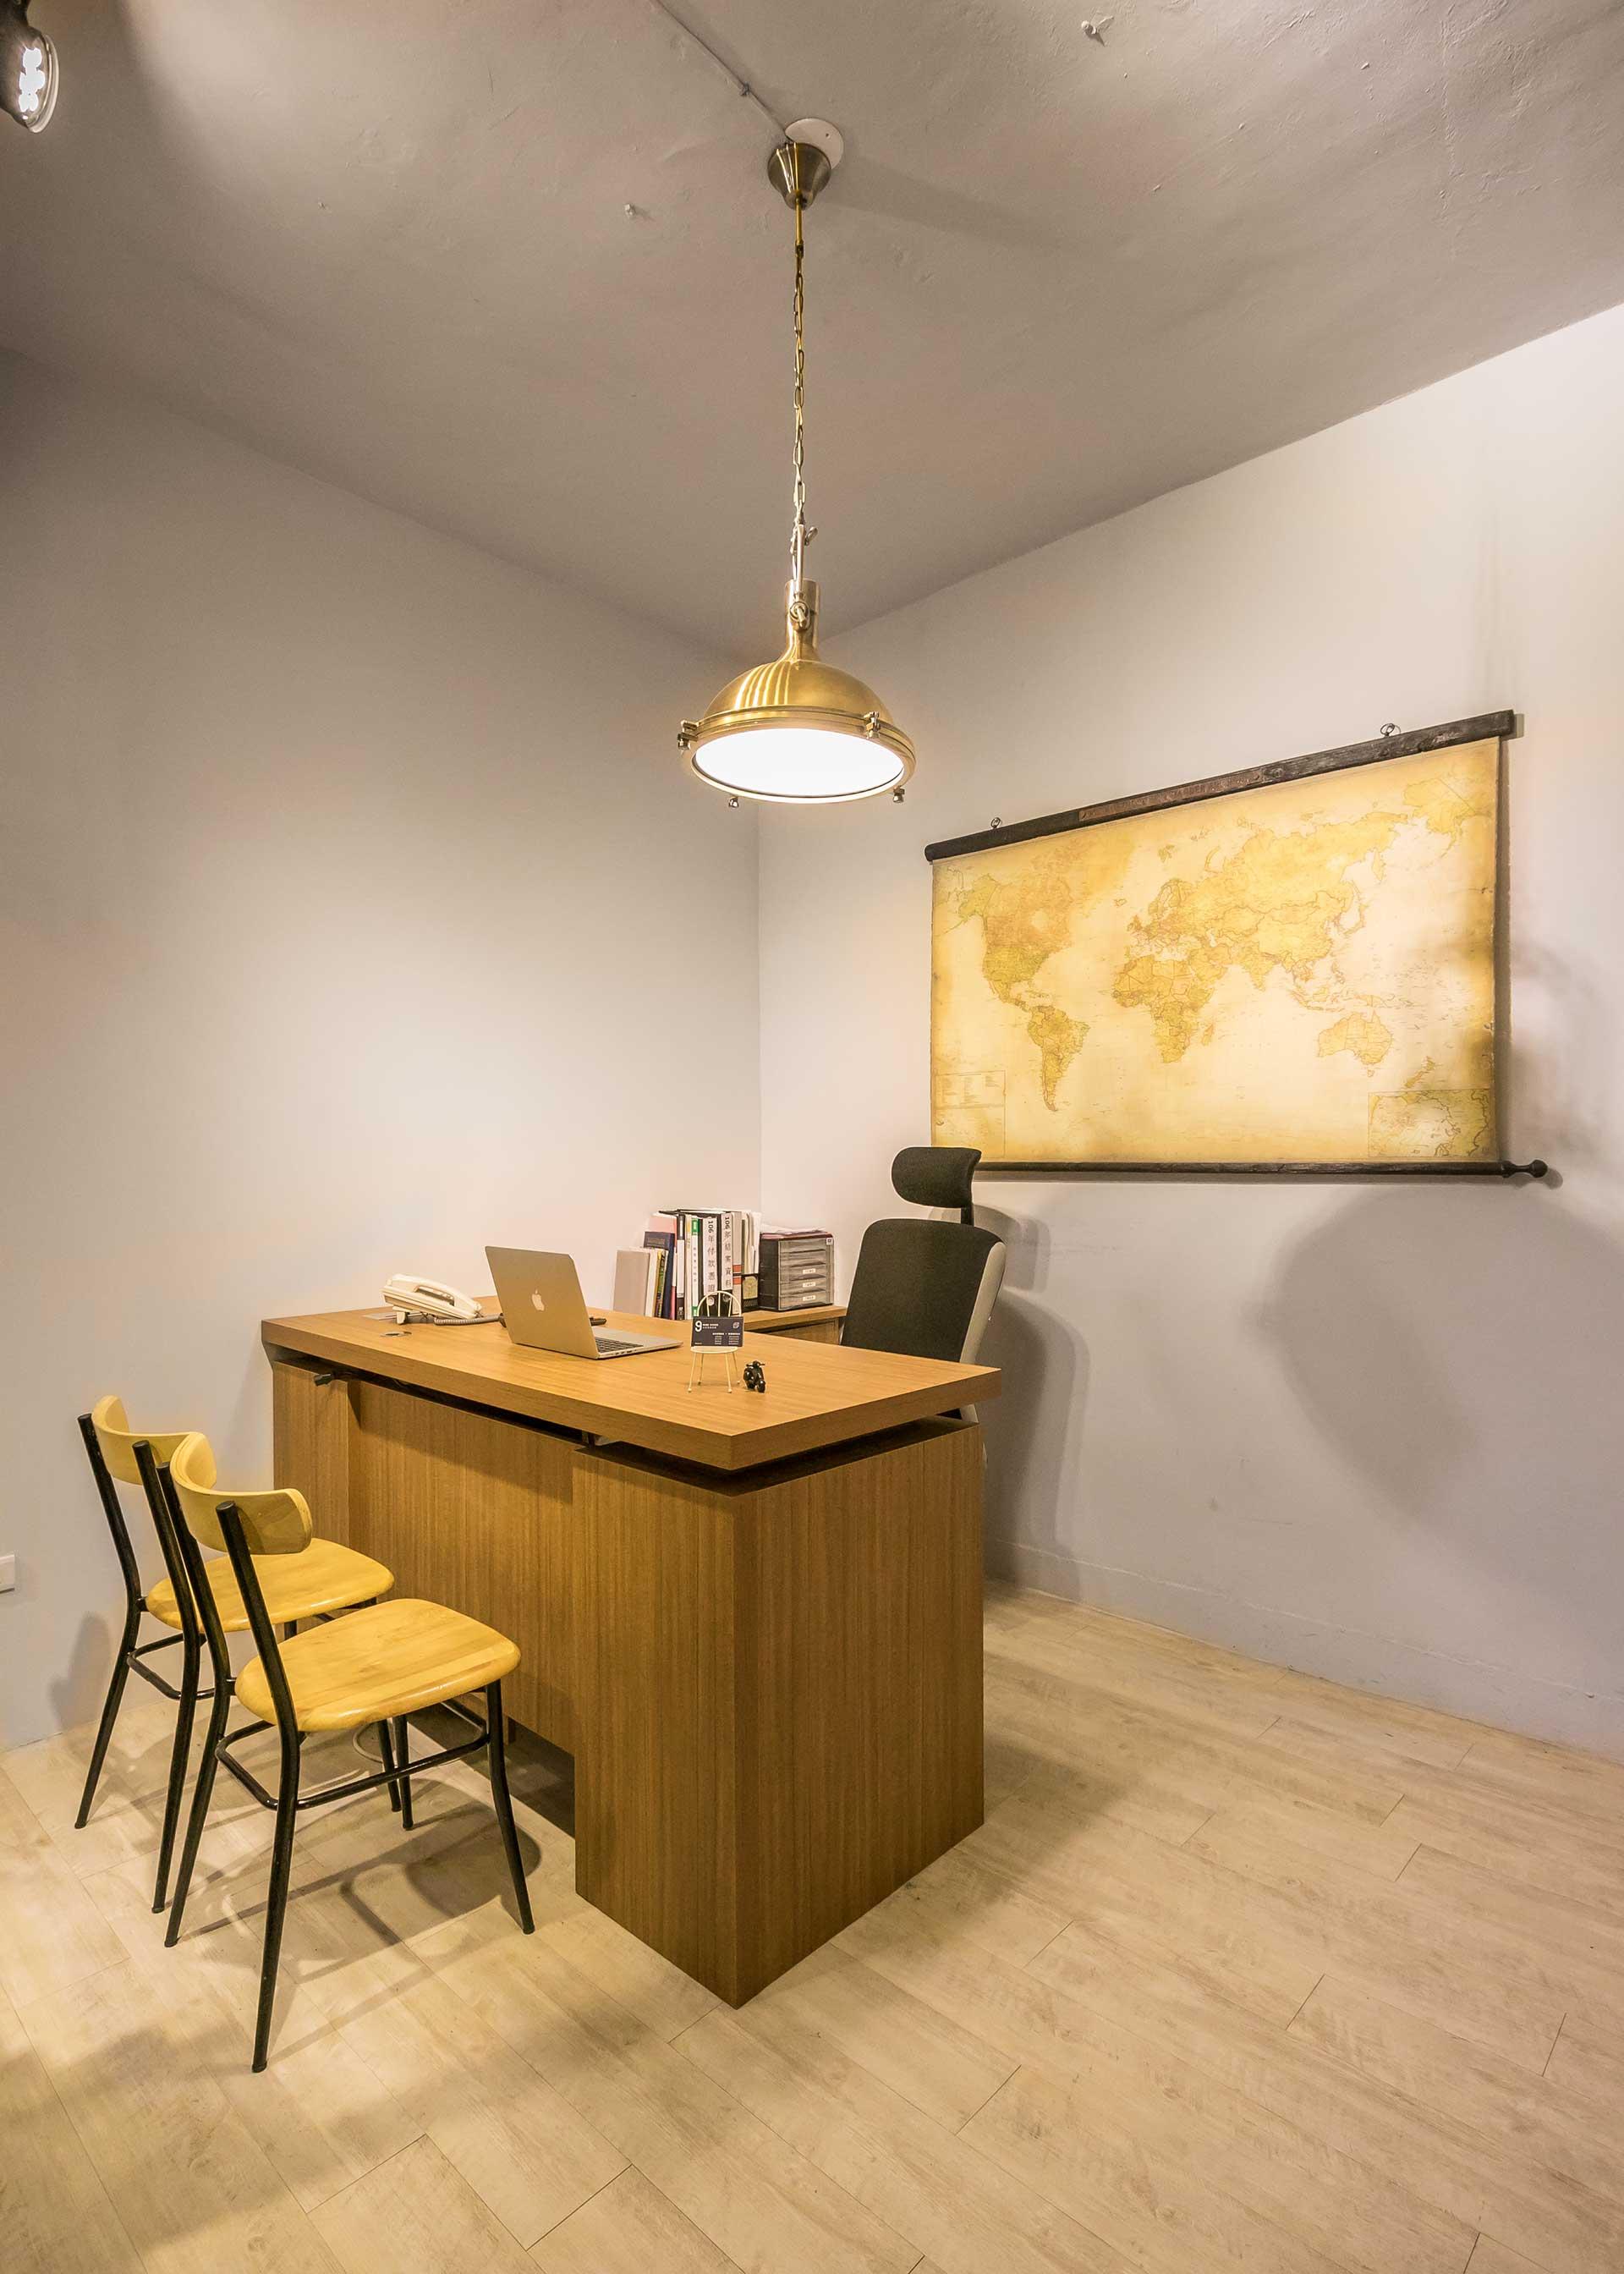 主管辦公室,以復古的造型吊燈當做室內主要光源,為忙碌的工作節奏增加風趣的生活品味